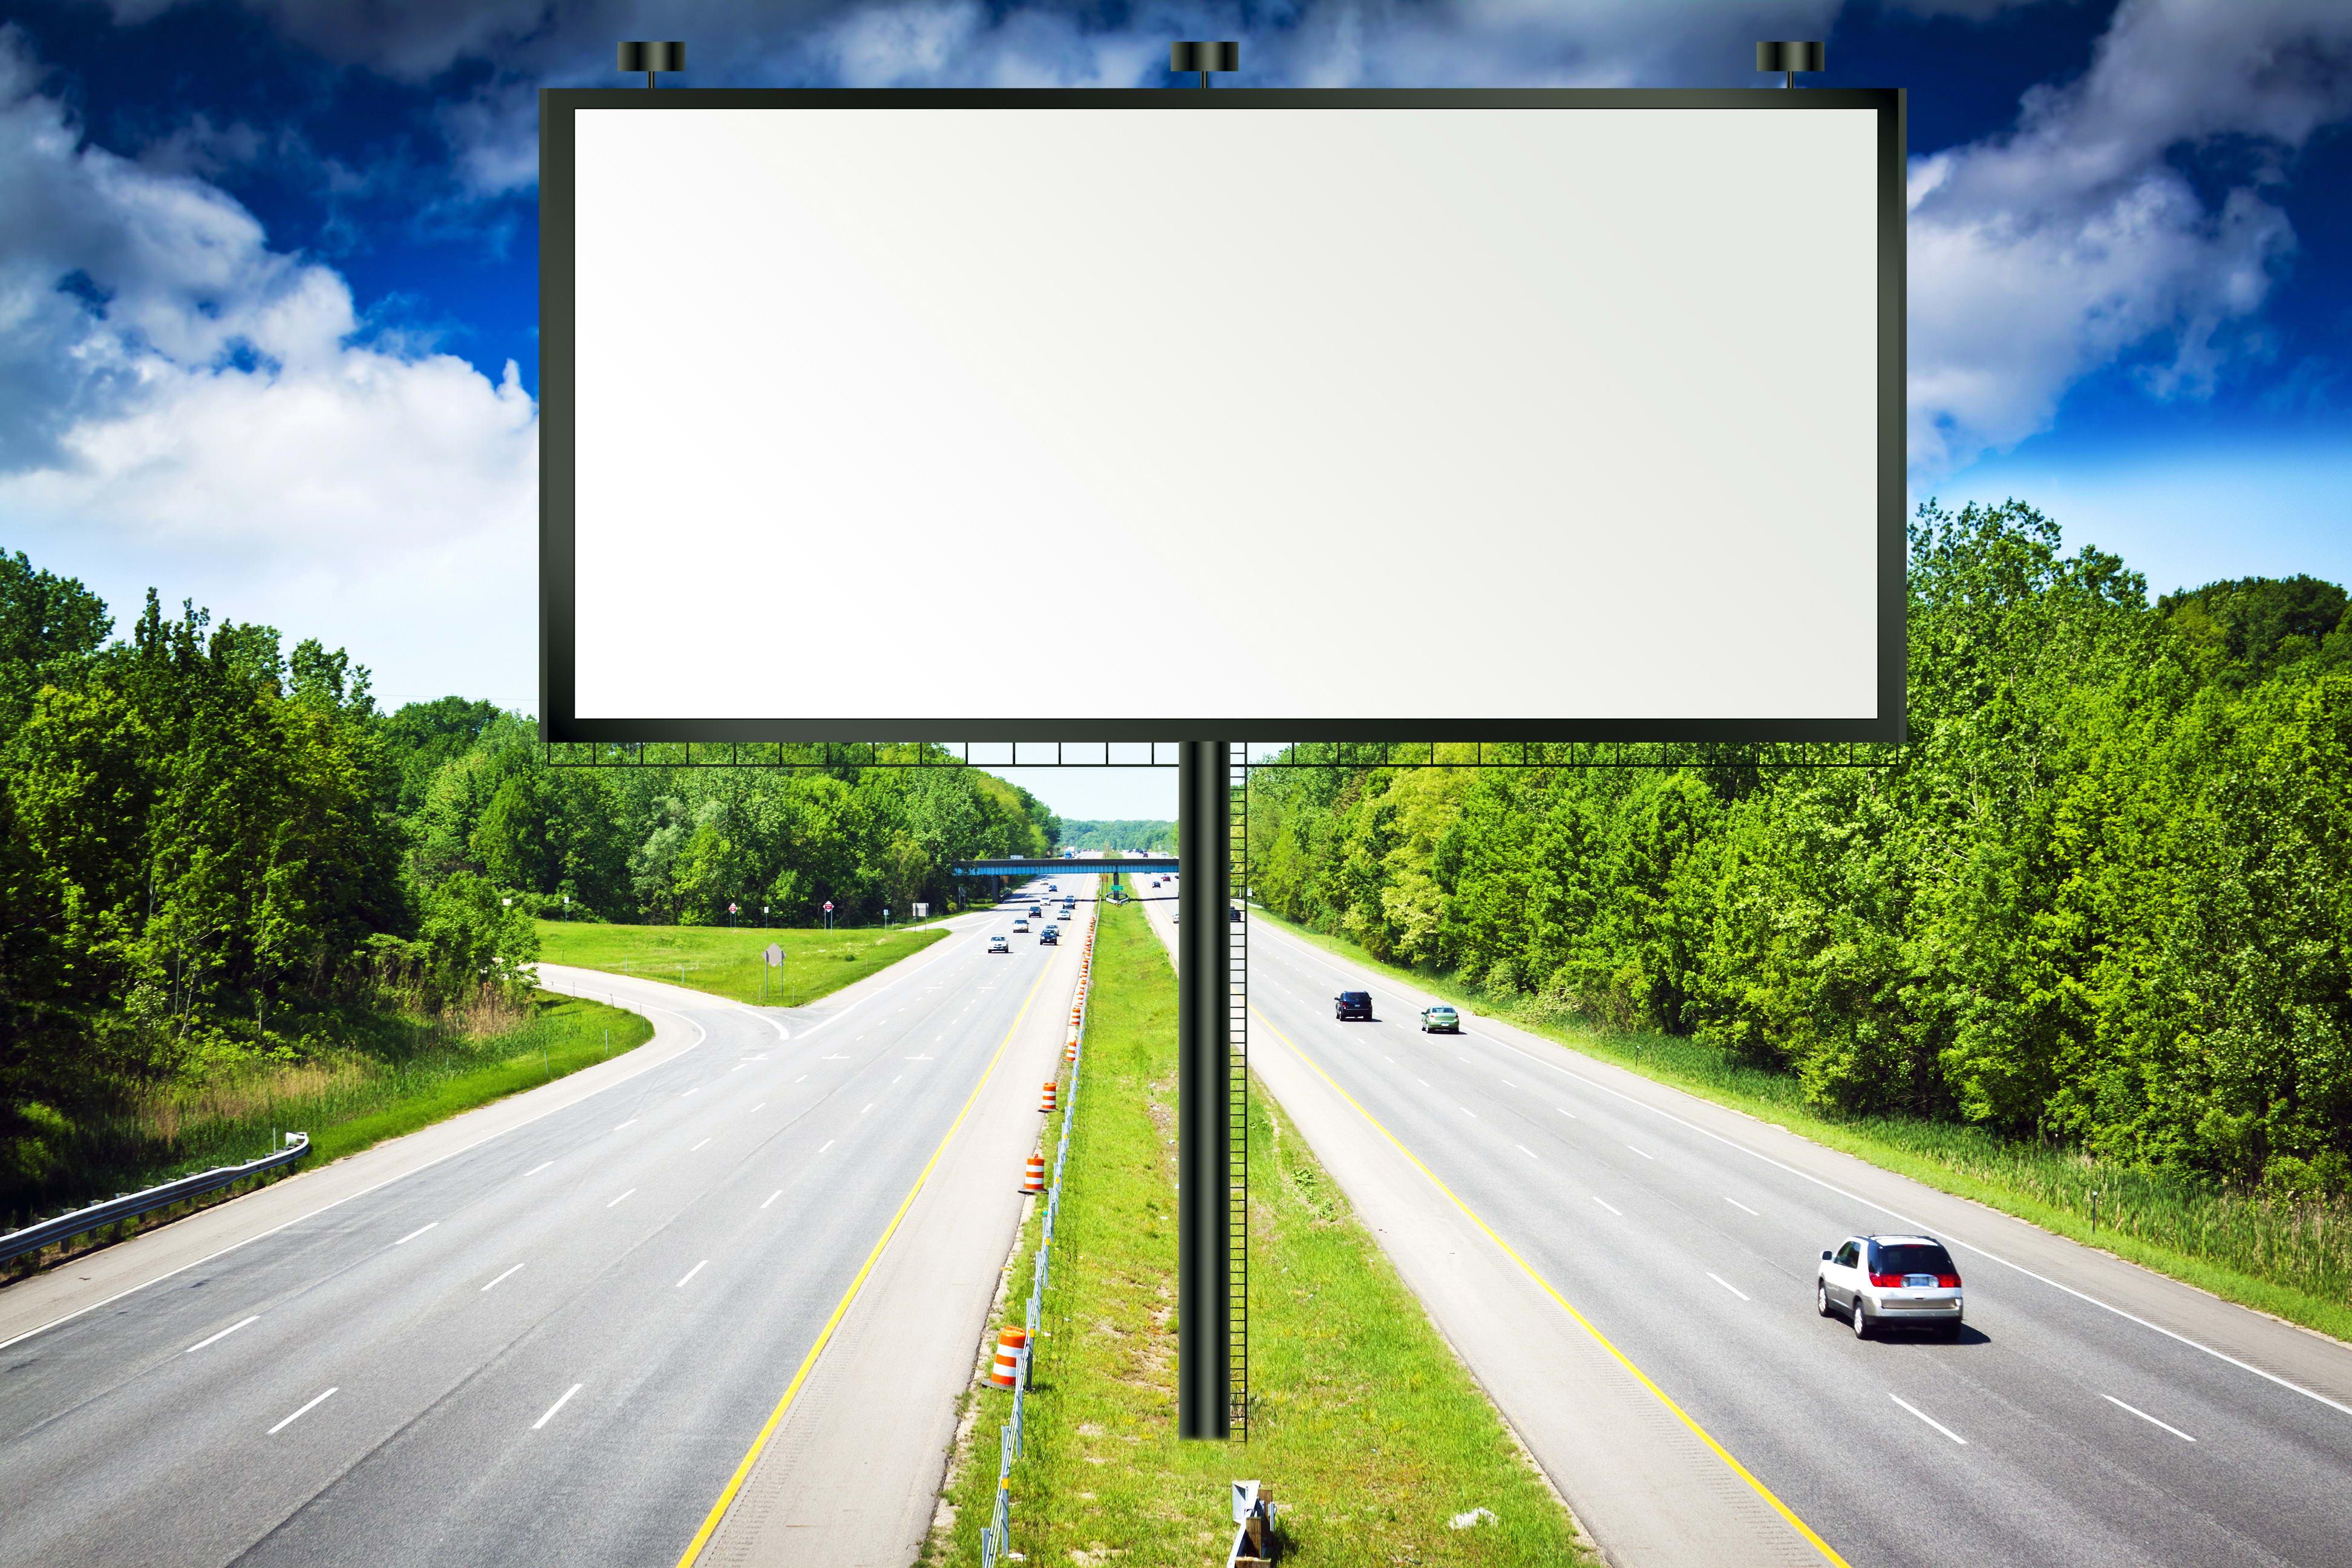 Определено, сколько рекламщики будут платить за билборды